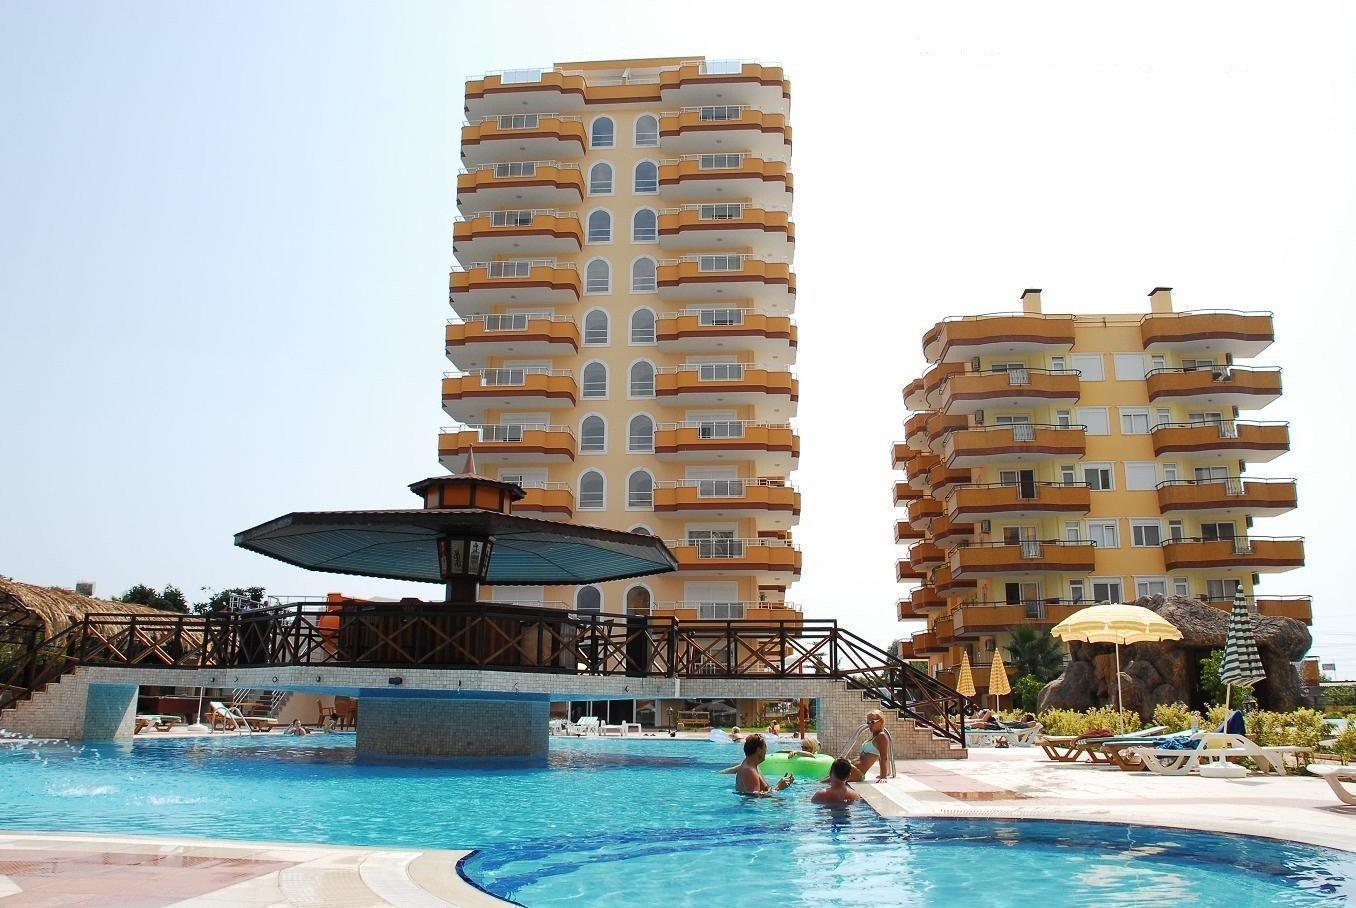 Продам нерухомість за кордоном Чотирикімнатний двоповерховий пентхаус з видом на море